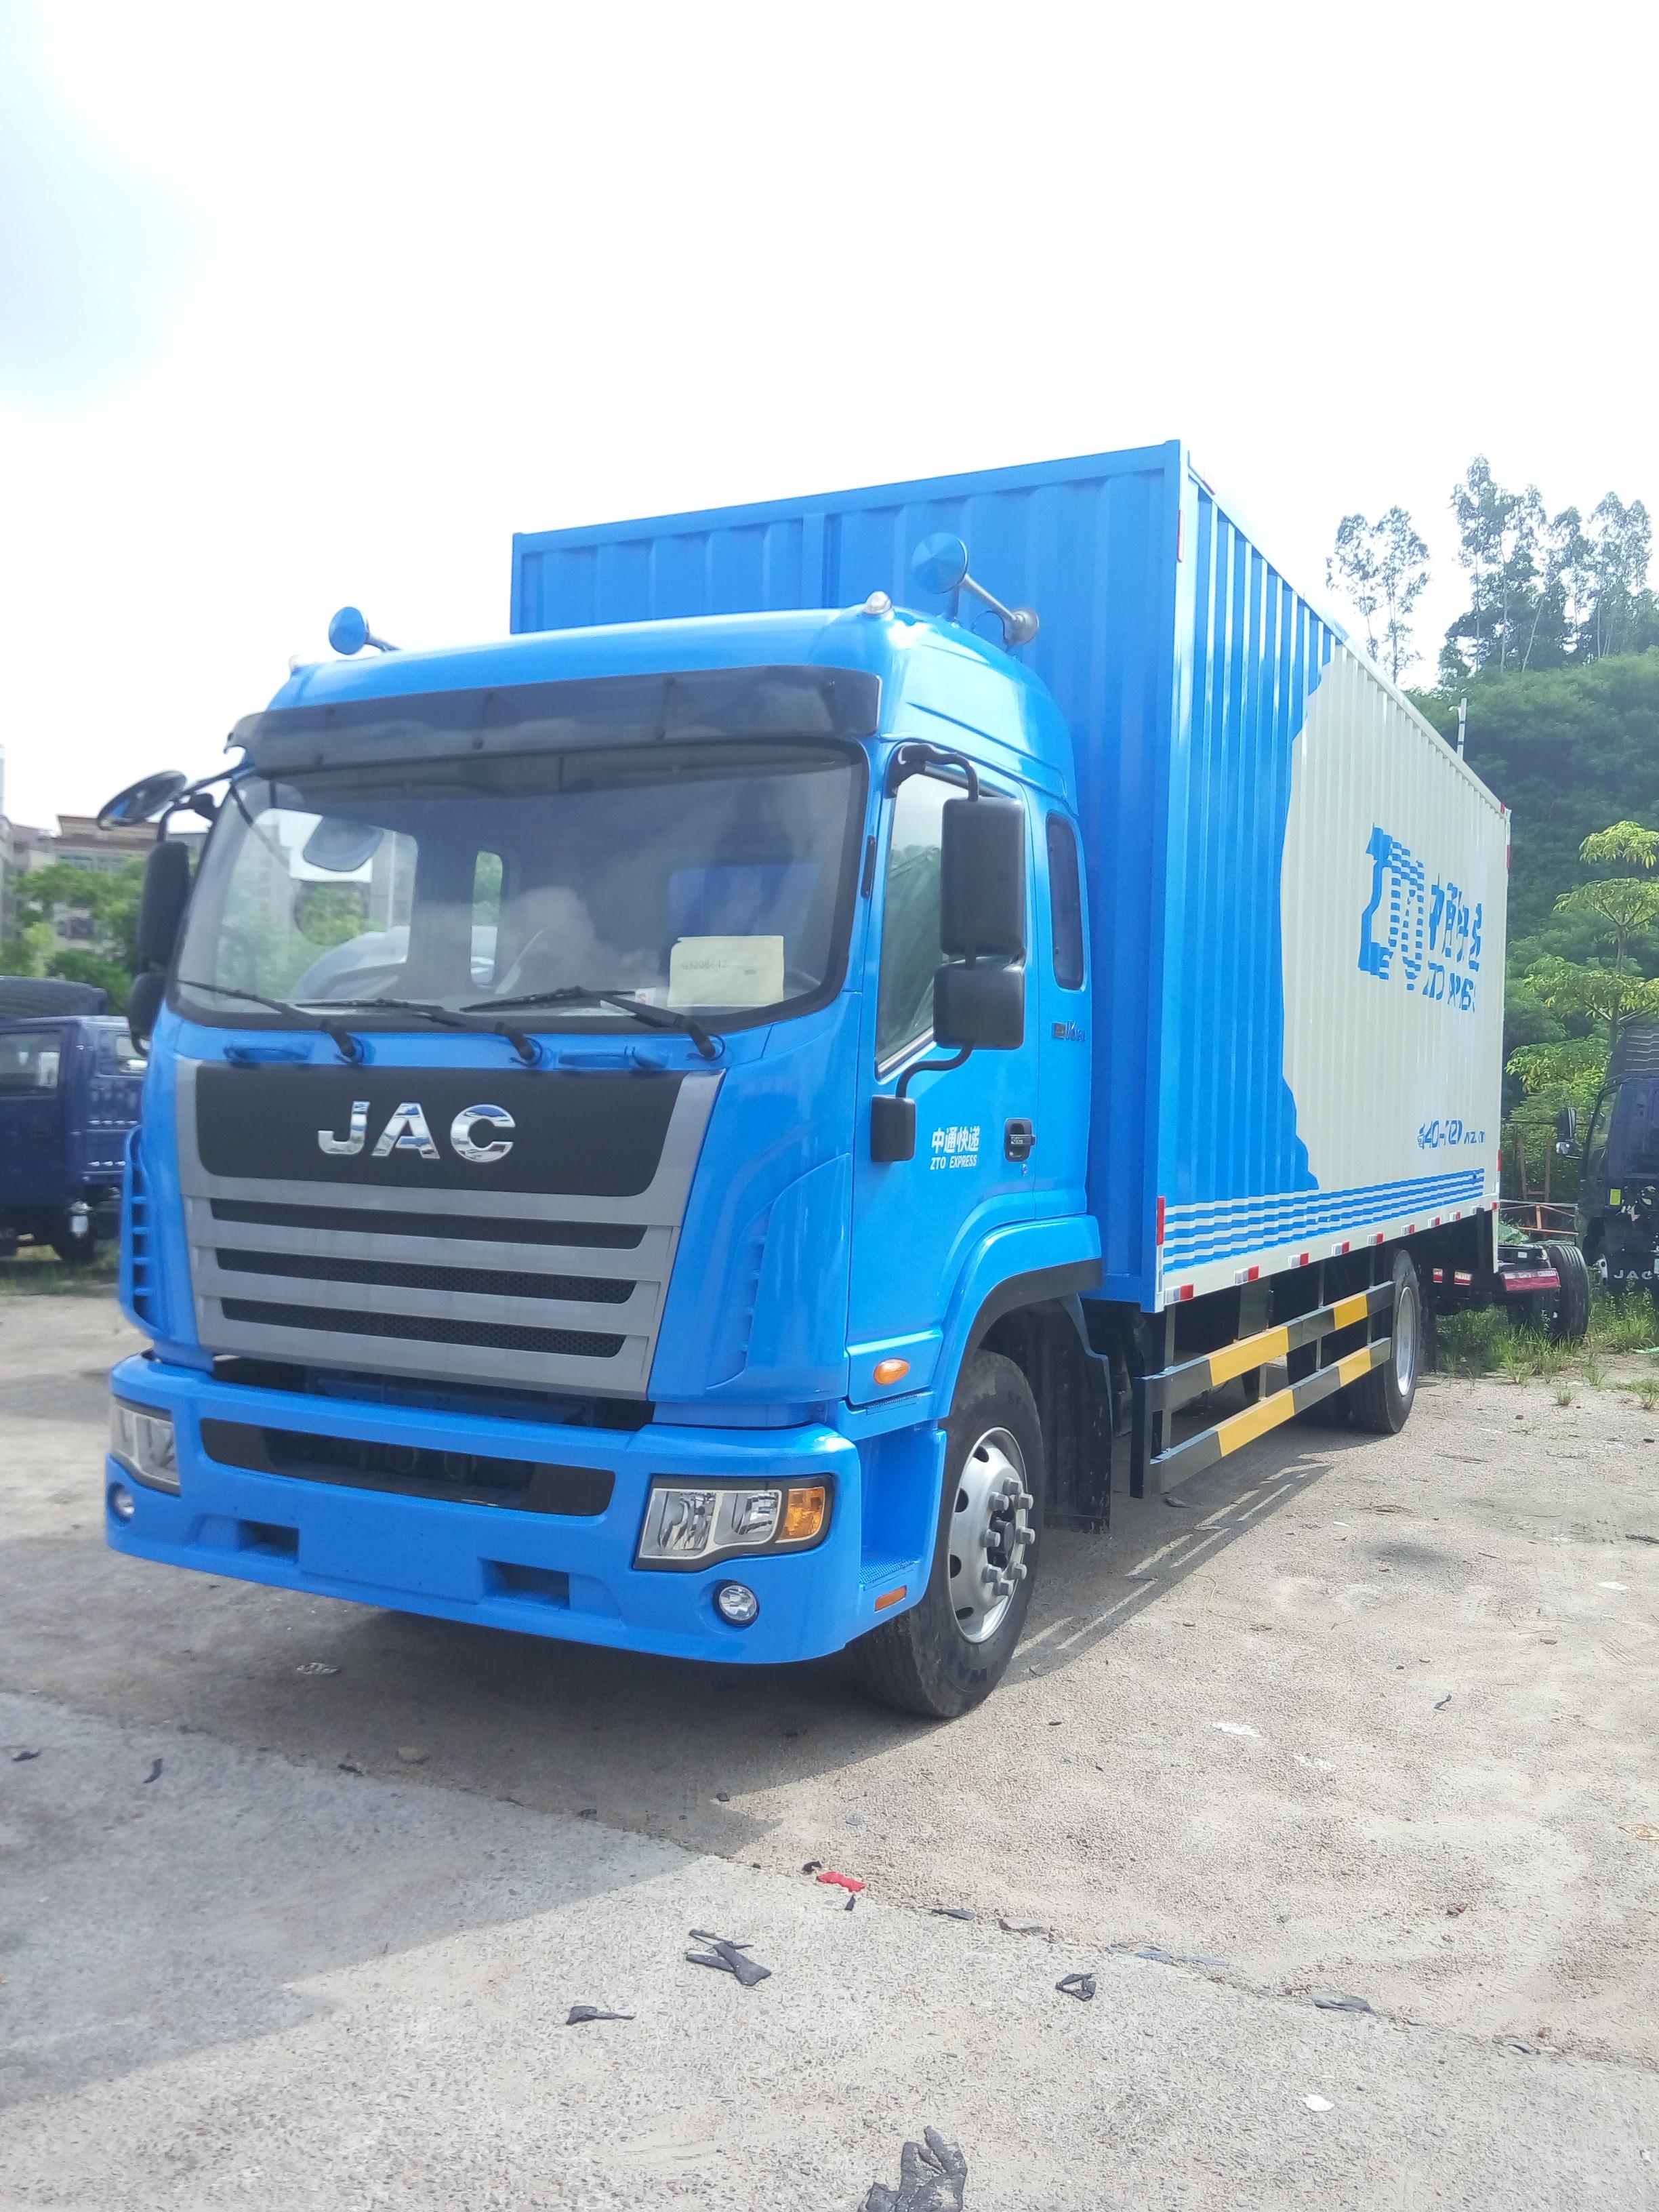 jac货车价格 汽车网高清图片